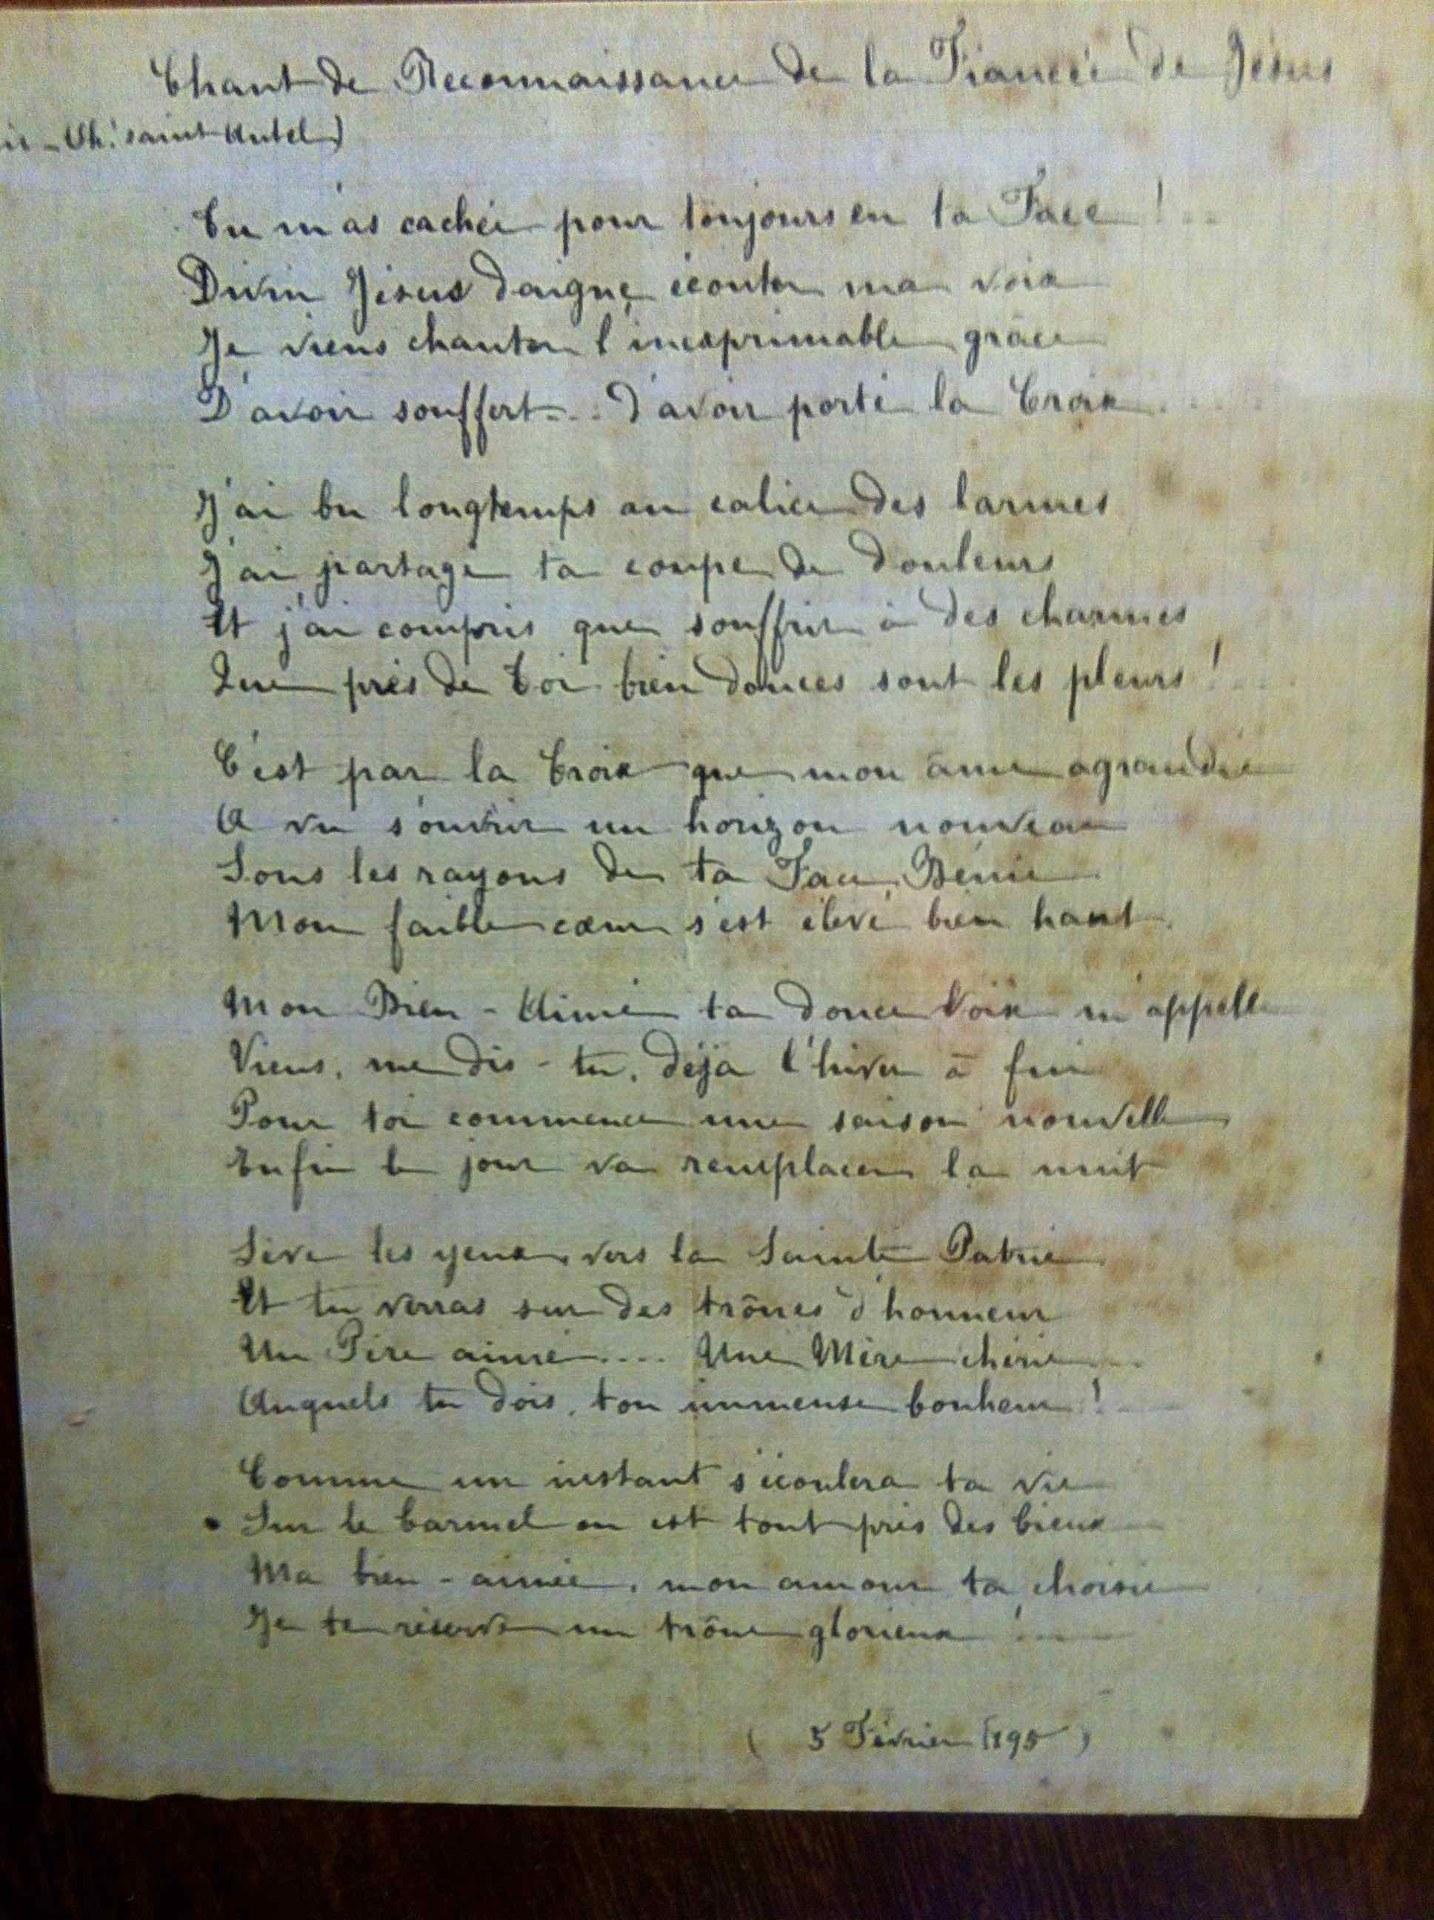 Une poésie de Thérèse, écrite de sa main.